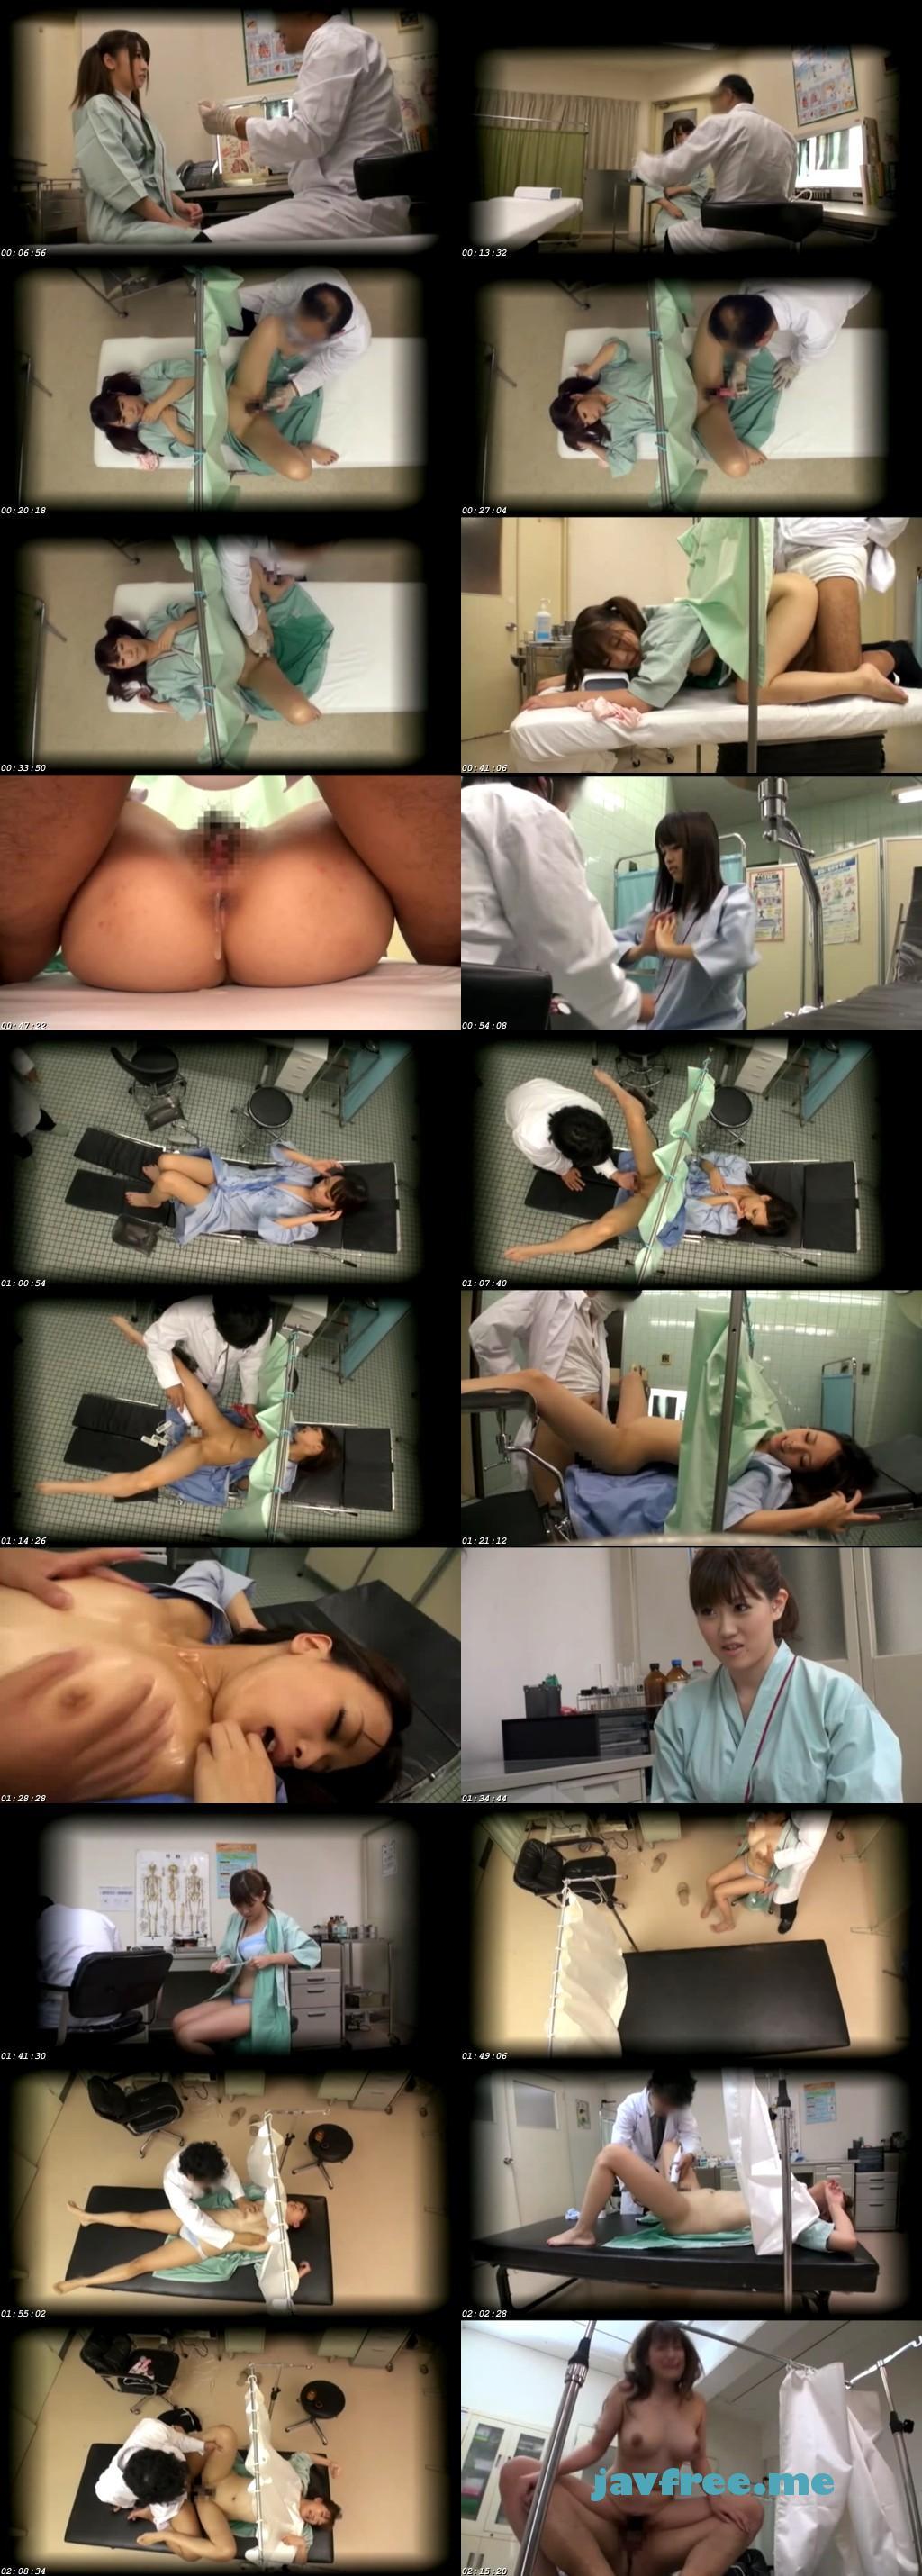 [SCOP-113] きっと、産婦人科の先生なら診断するフリして女性器をイジリ倒し、バレないようにナマ挿入中出しSEXまで出来るはず!!2 - image SCOP-113b on https://javfree.me